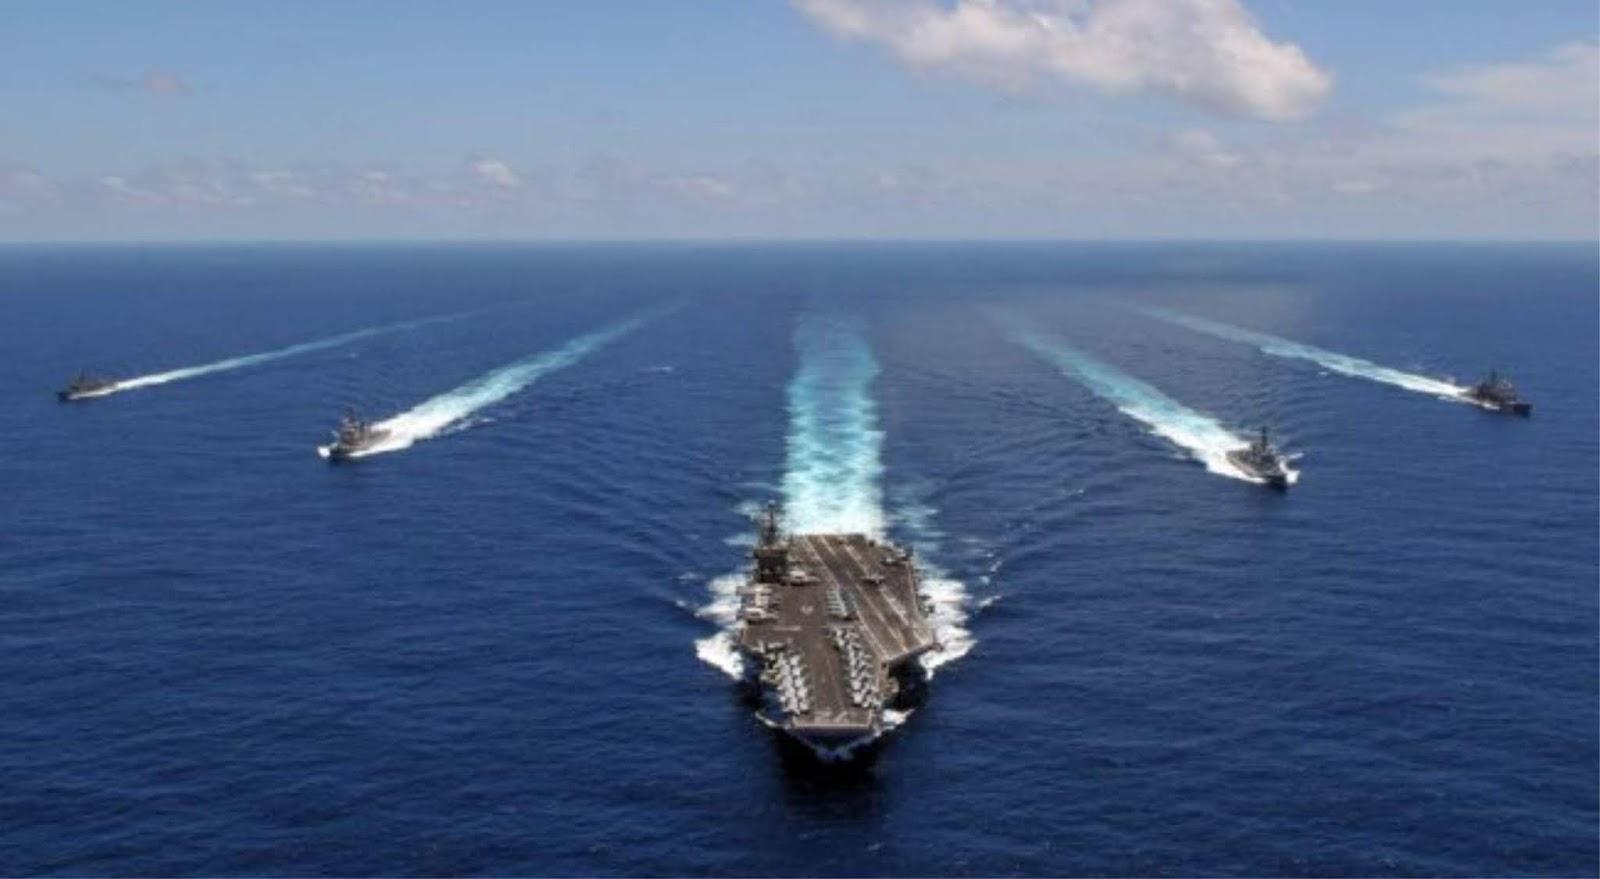 Cina mengatakan bahwa peningkatan anggaran militer tidak menimbulkan ancaman bagi negara lain